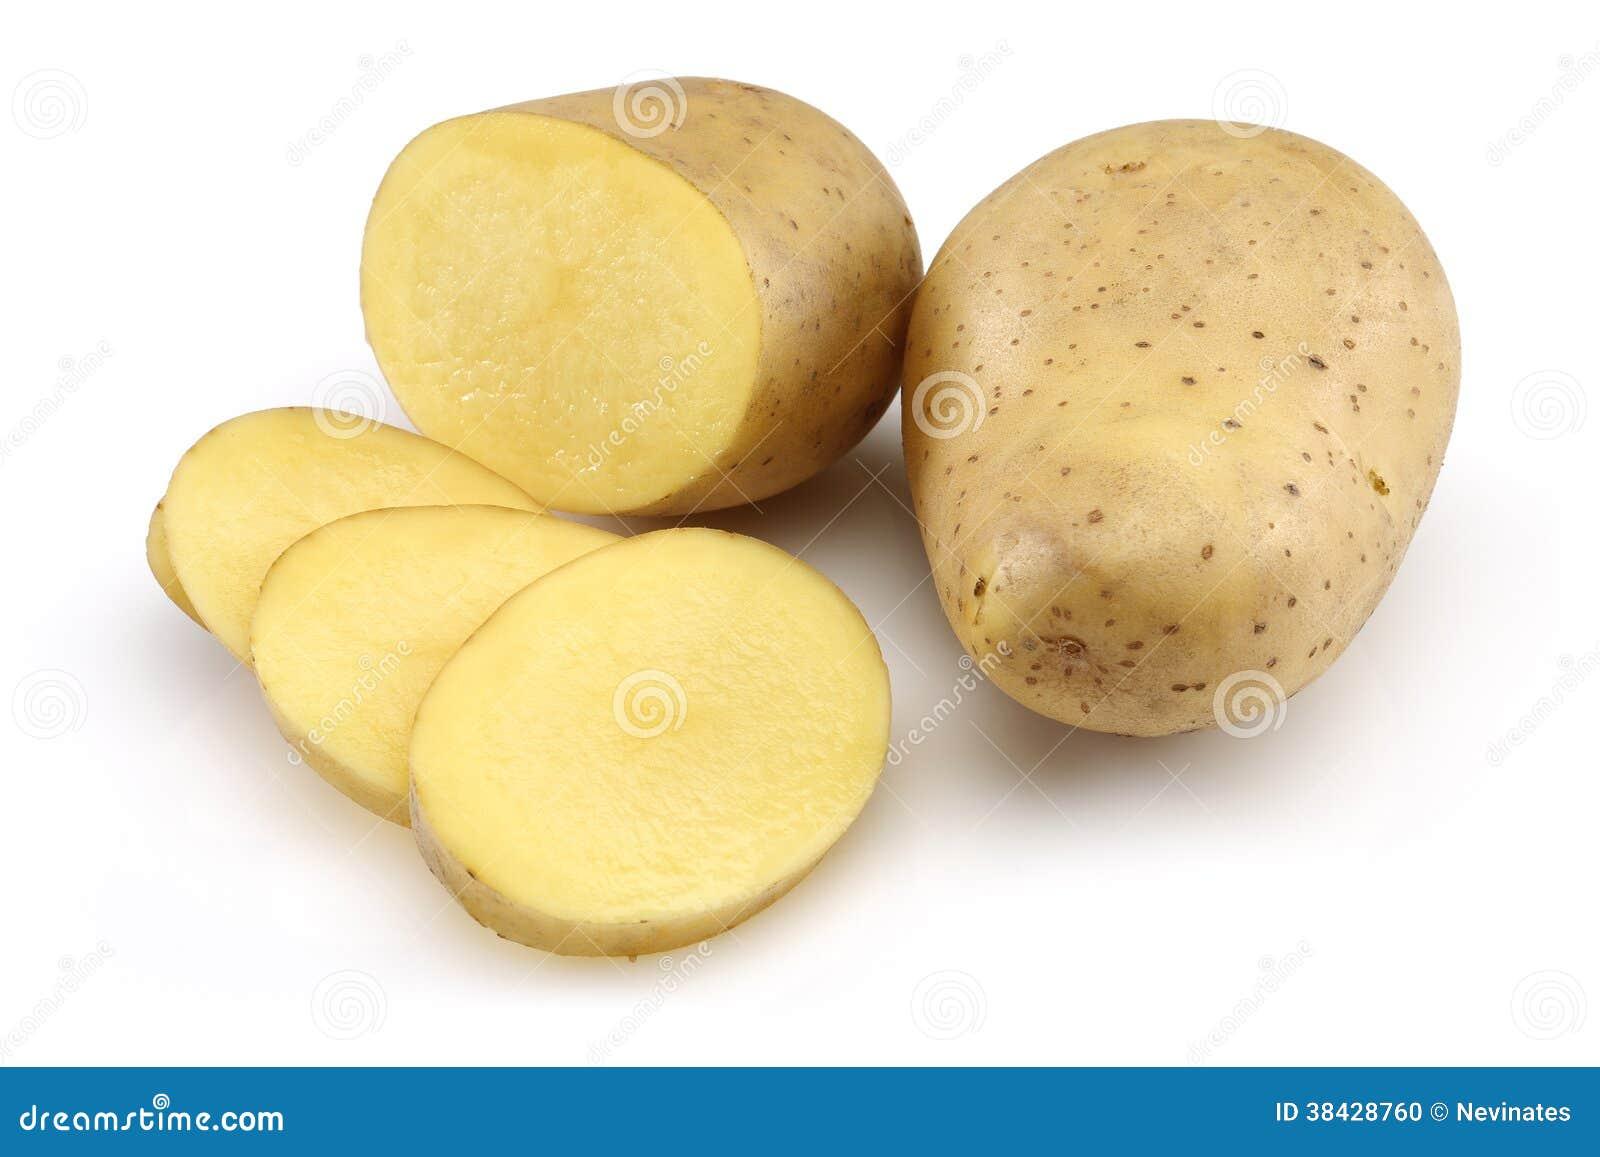 Pomme de terre crue et pomme de terre coup e en tranches photo stock image du vegan - Pomme de terre coup de soleil ...